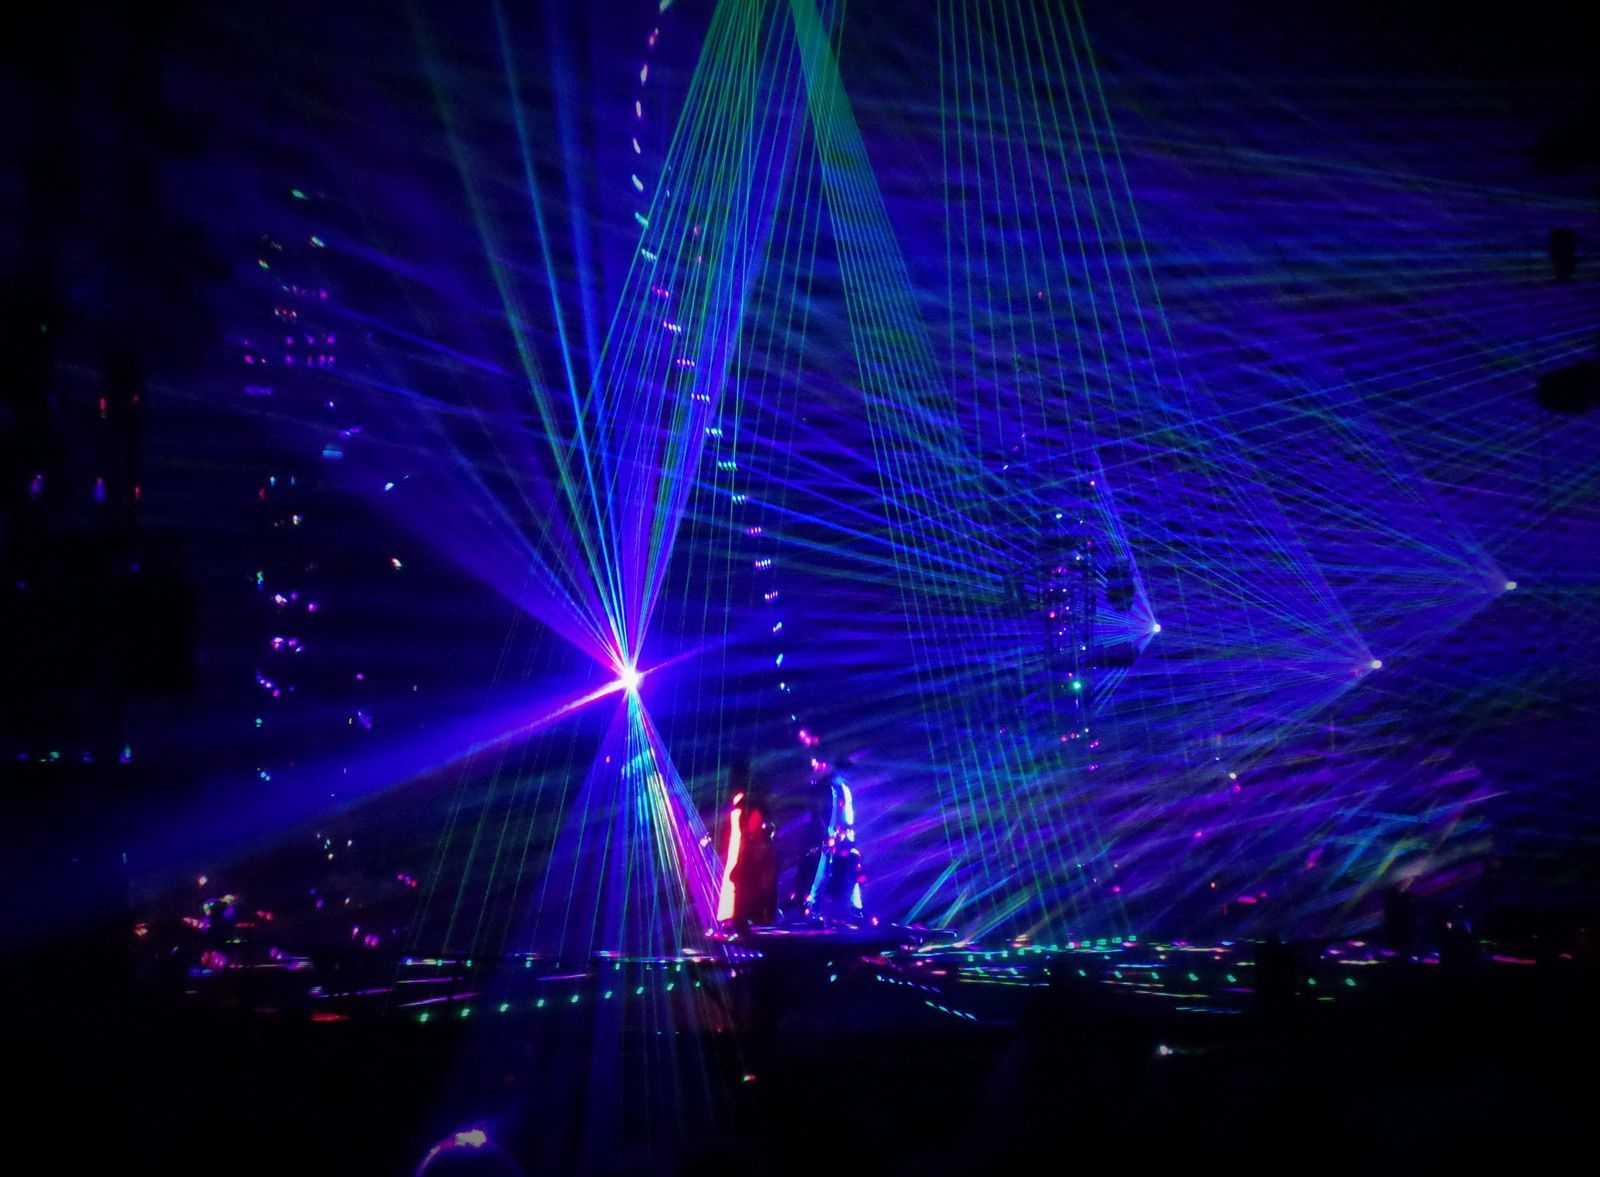 numéro avec des lasers impressionnant les plus petits m'ont dit ont dirait la gueurre des étoiles quand ils ont fait les sabres laser